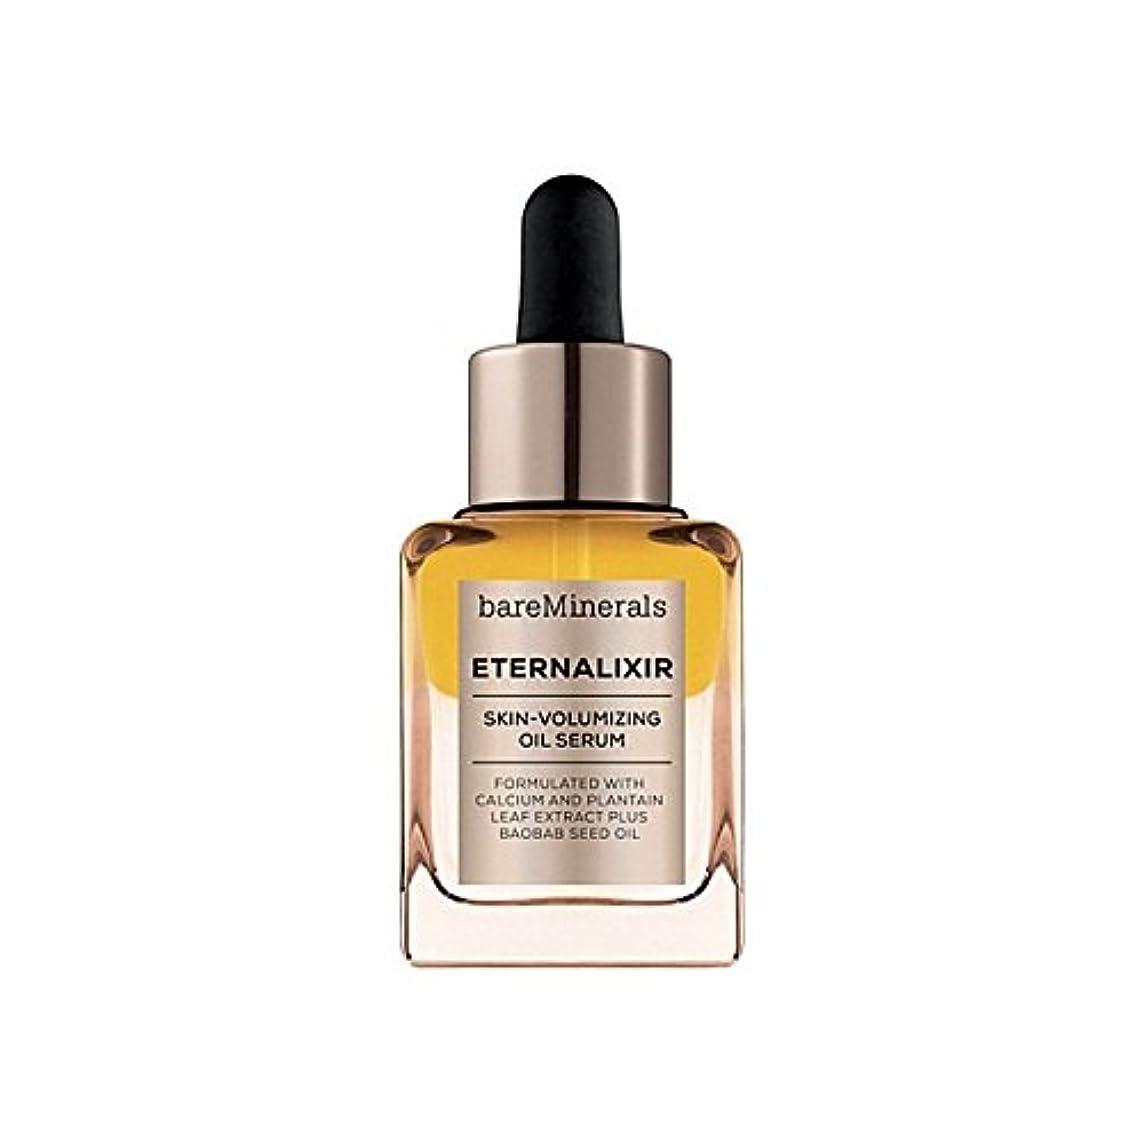 兄記事ネクタイBare Minerals Externalixir Skin Volumising Oil Serum 30Ml - ベアミネラル皮膚オイルセラム30 [並行輸入品]